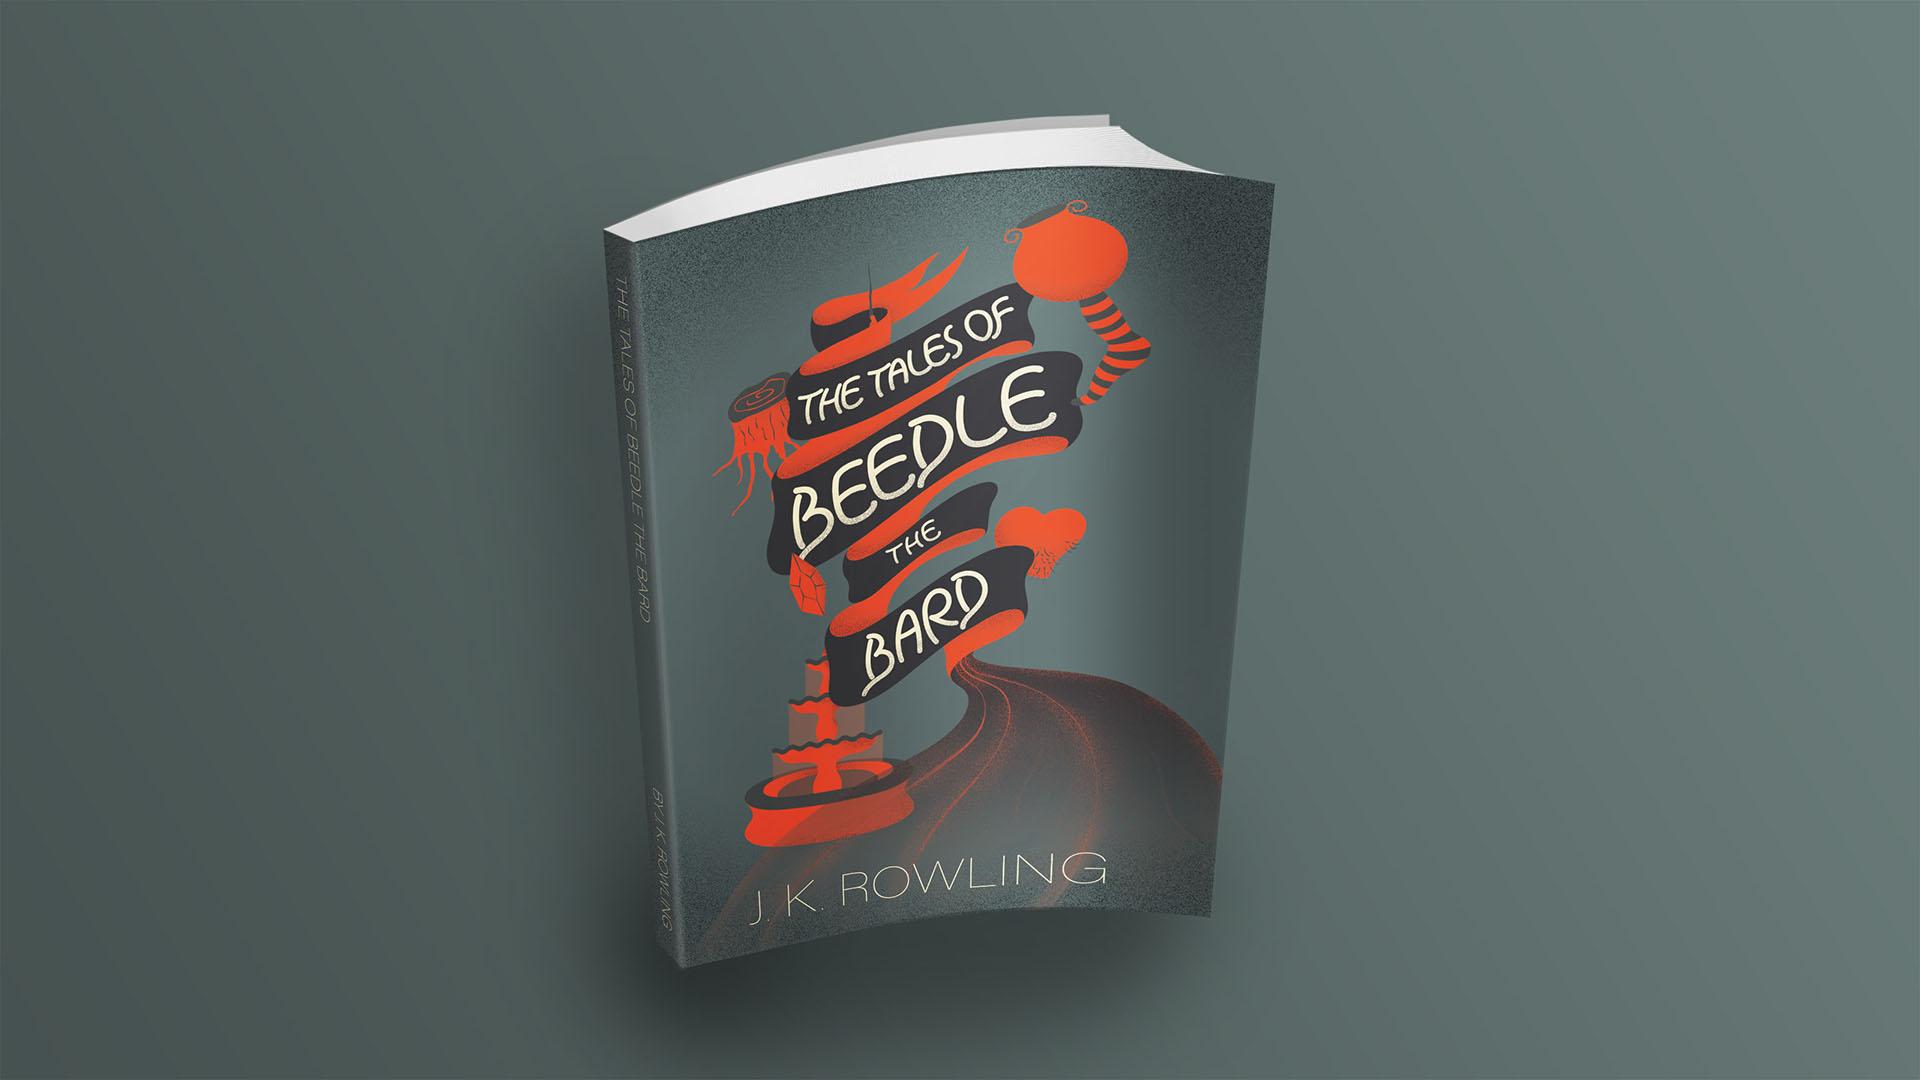 book cover design by Yingda Xu